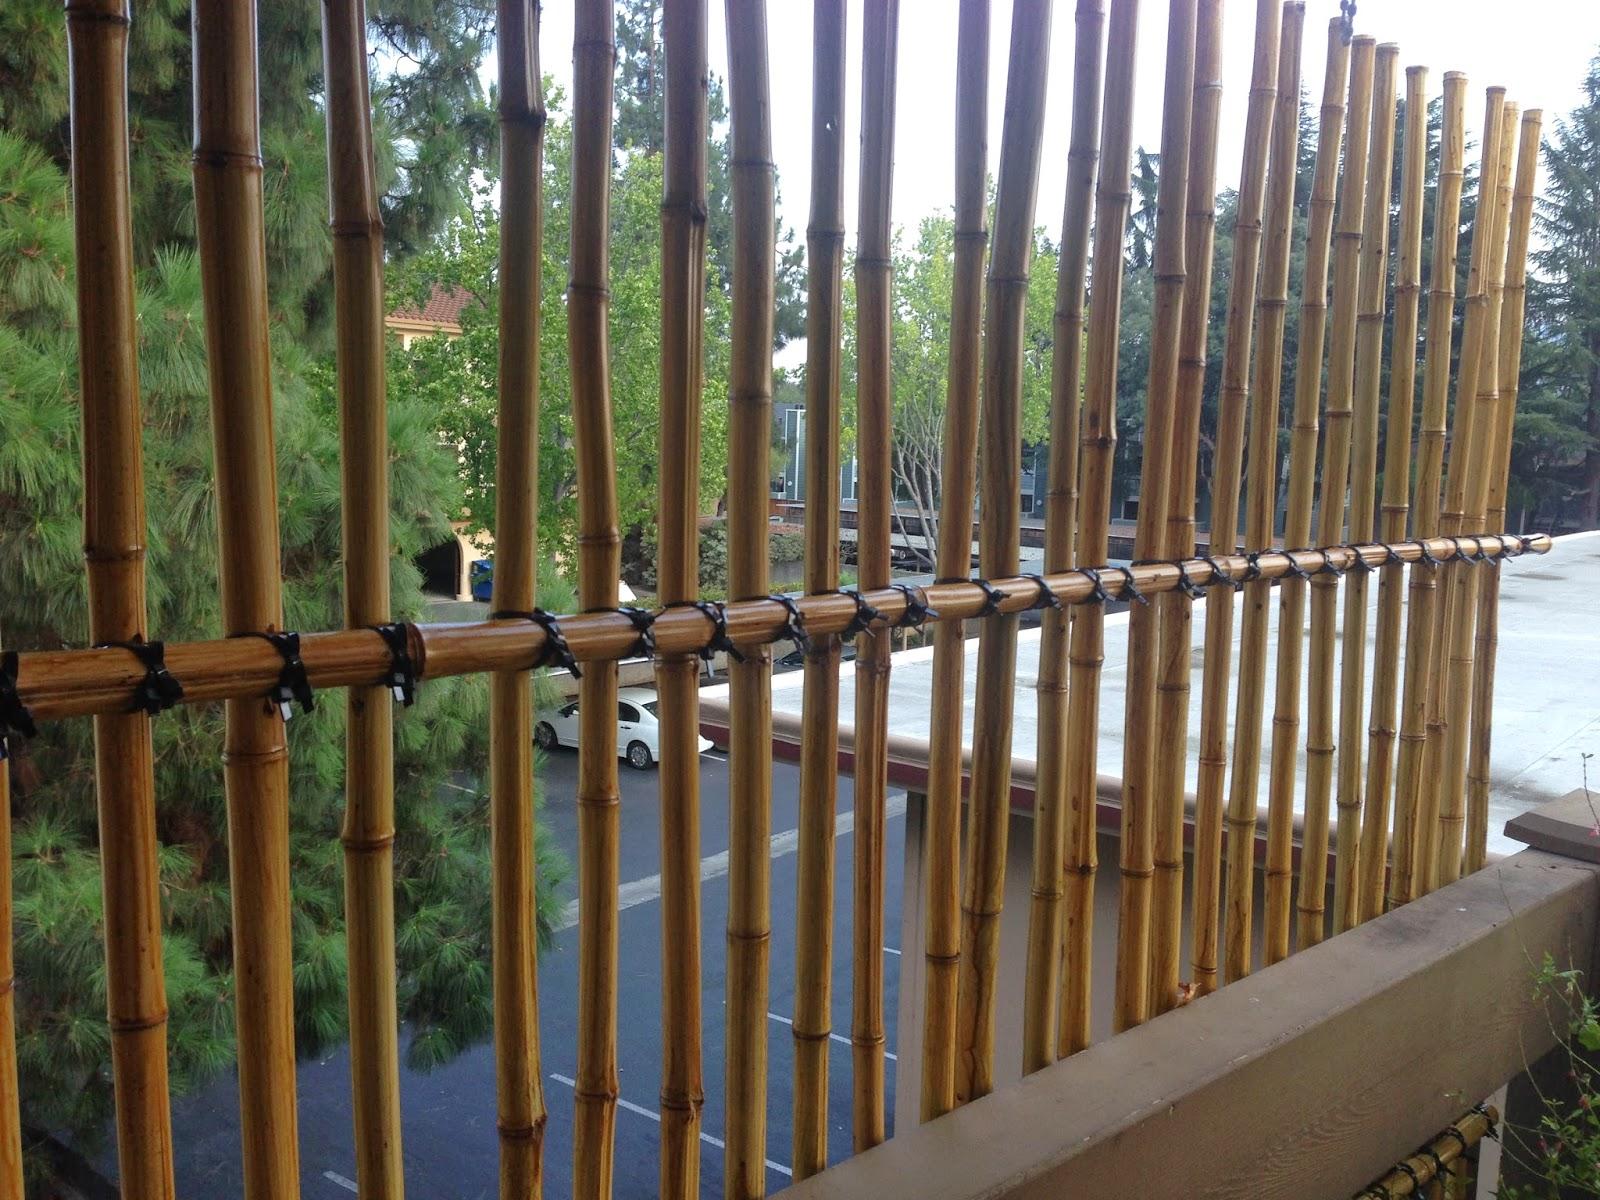 Balcony Container Garden: Bamboo Privacy Screen/Trellis